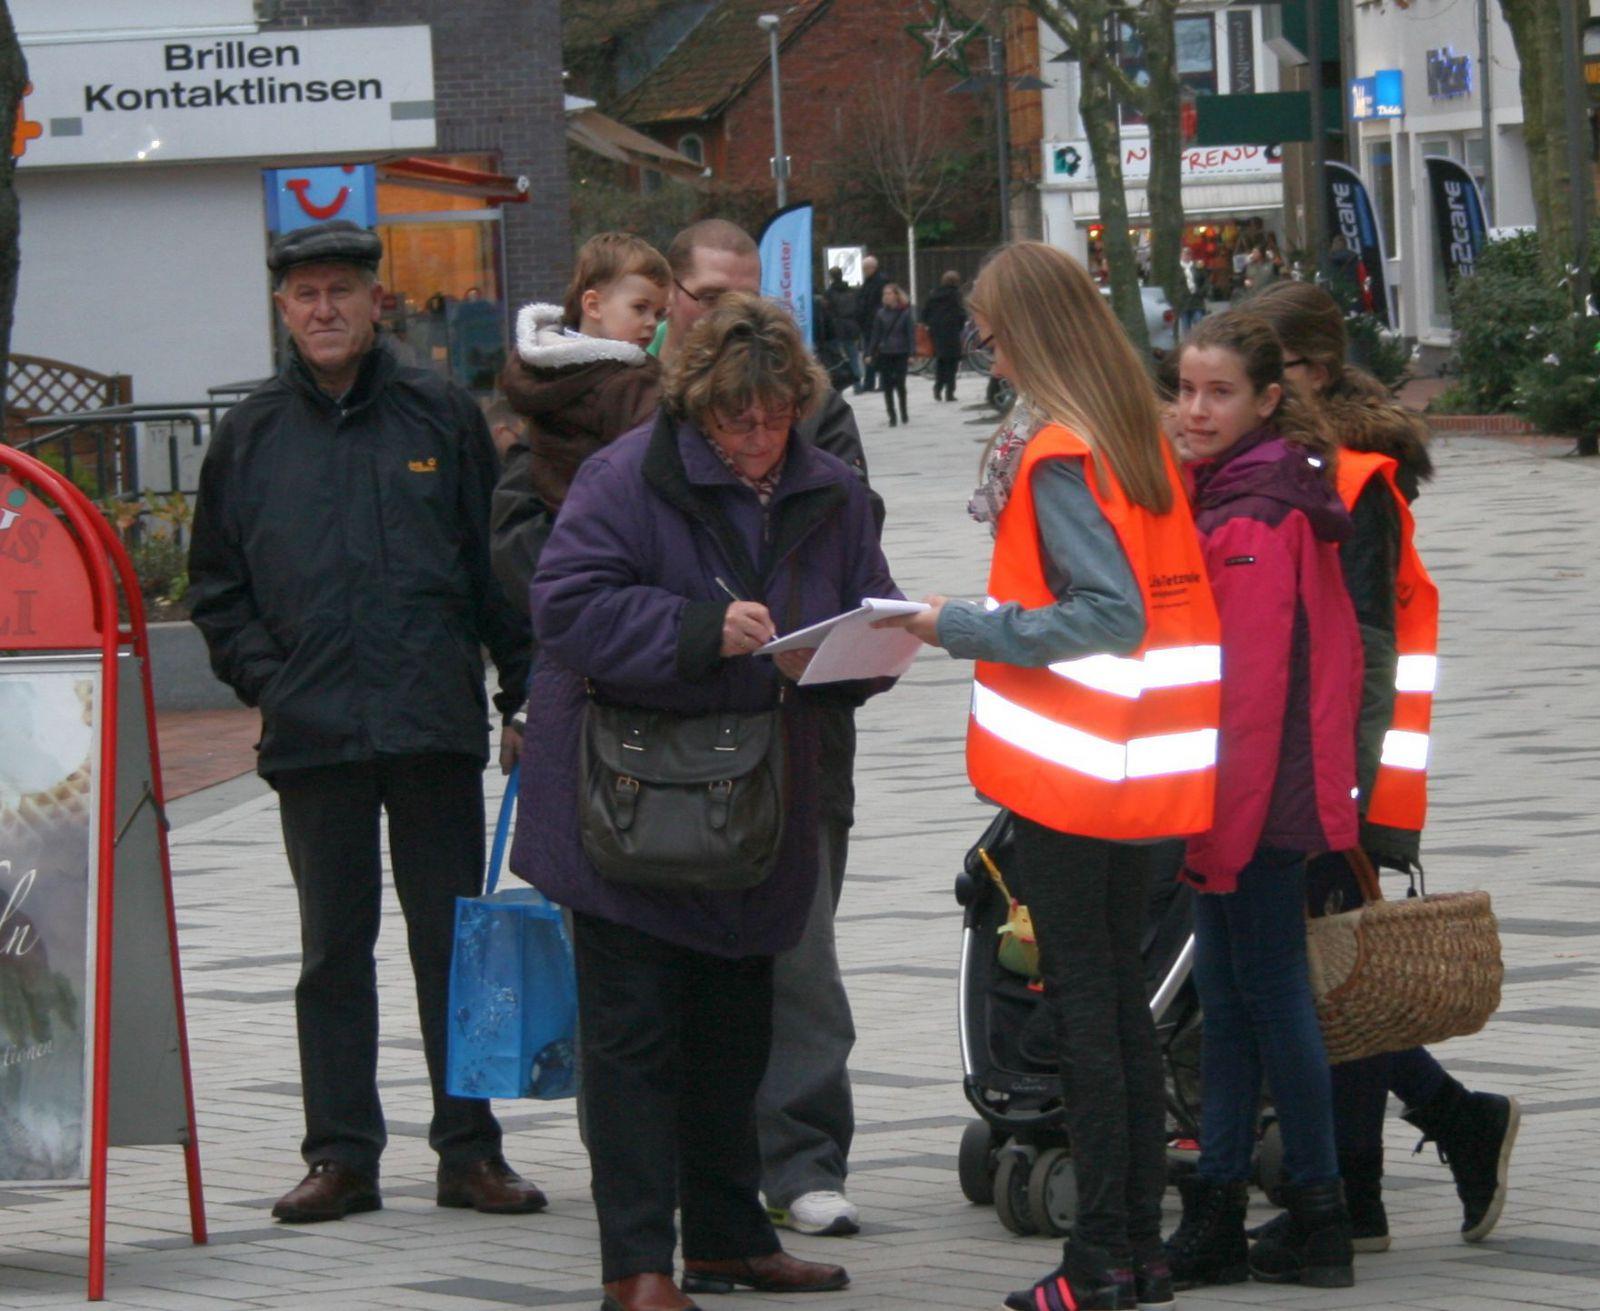 Schüler sammeln Unterschriften